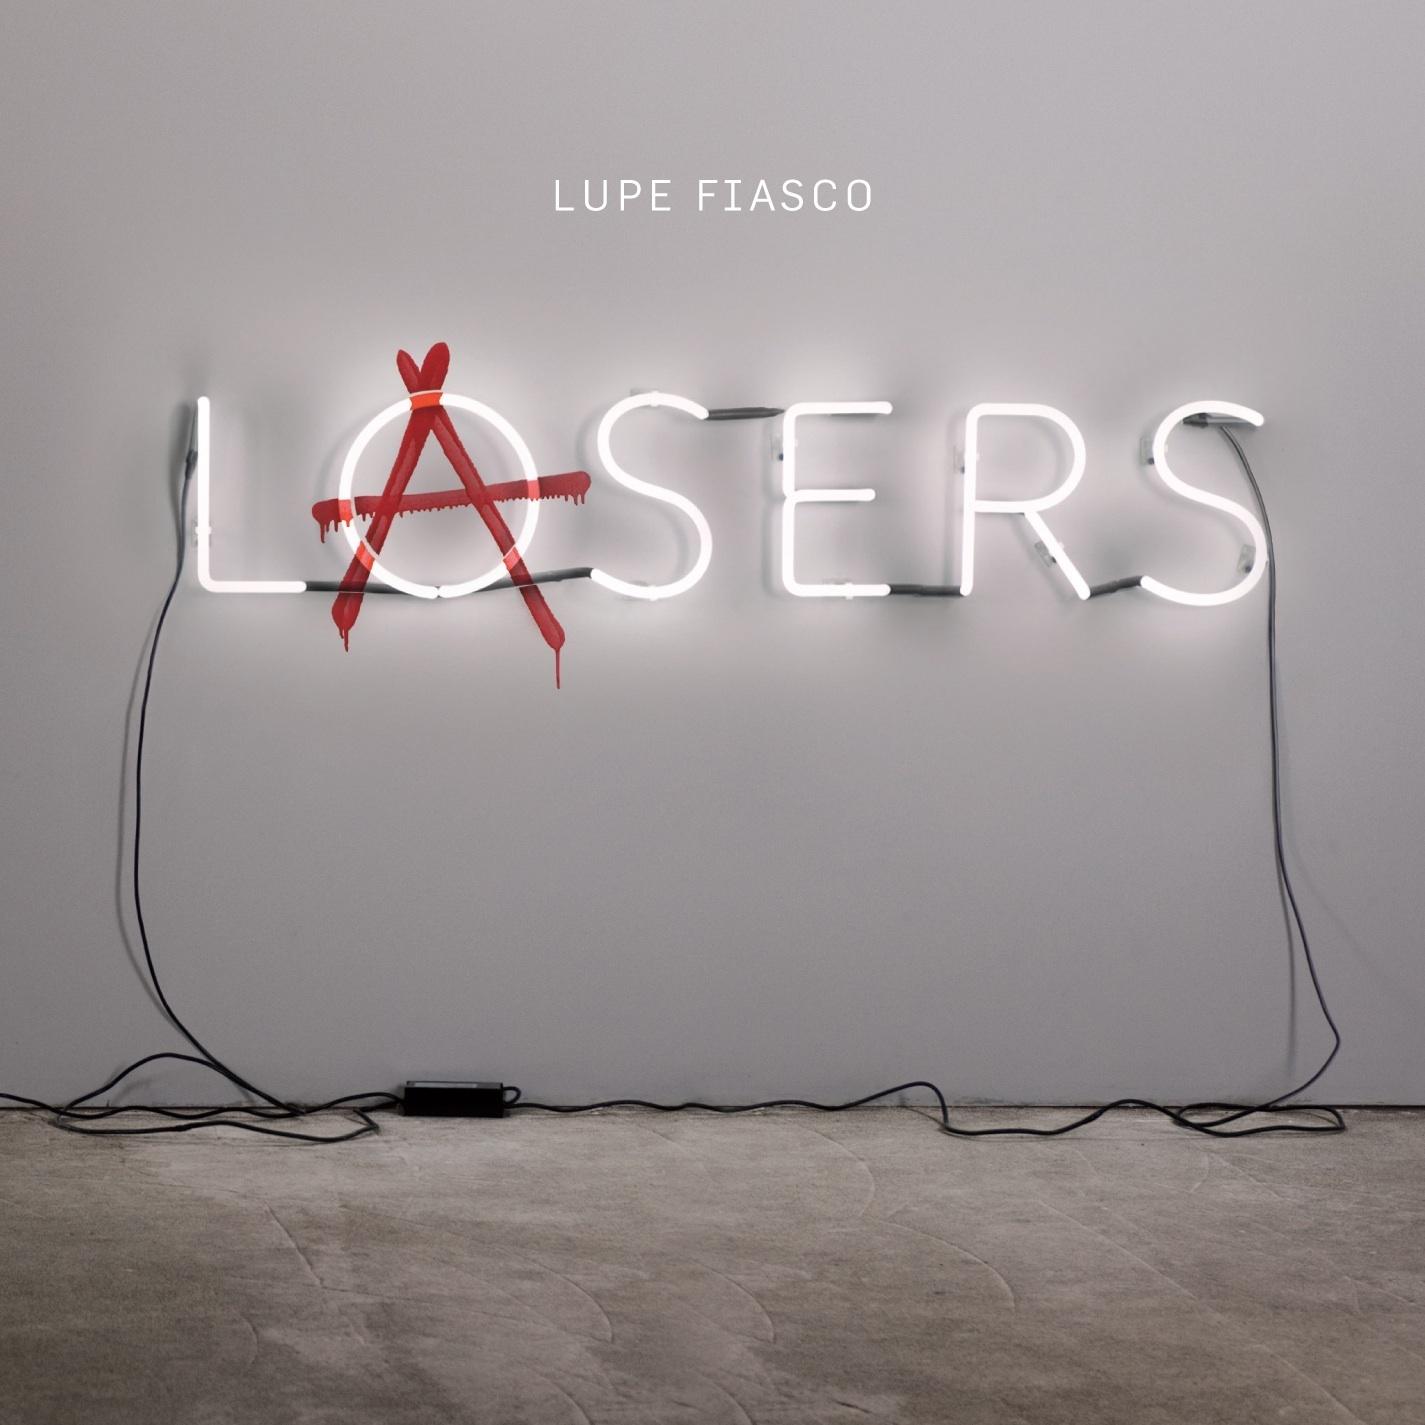 LasersHQ.jpg